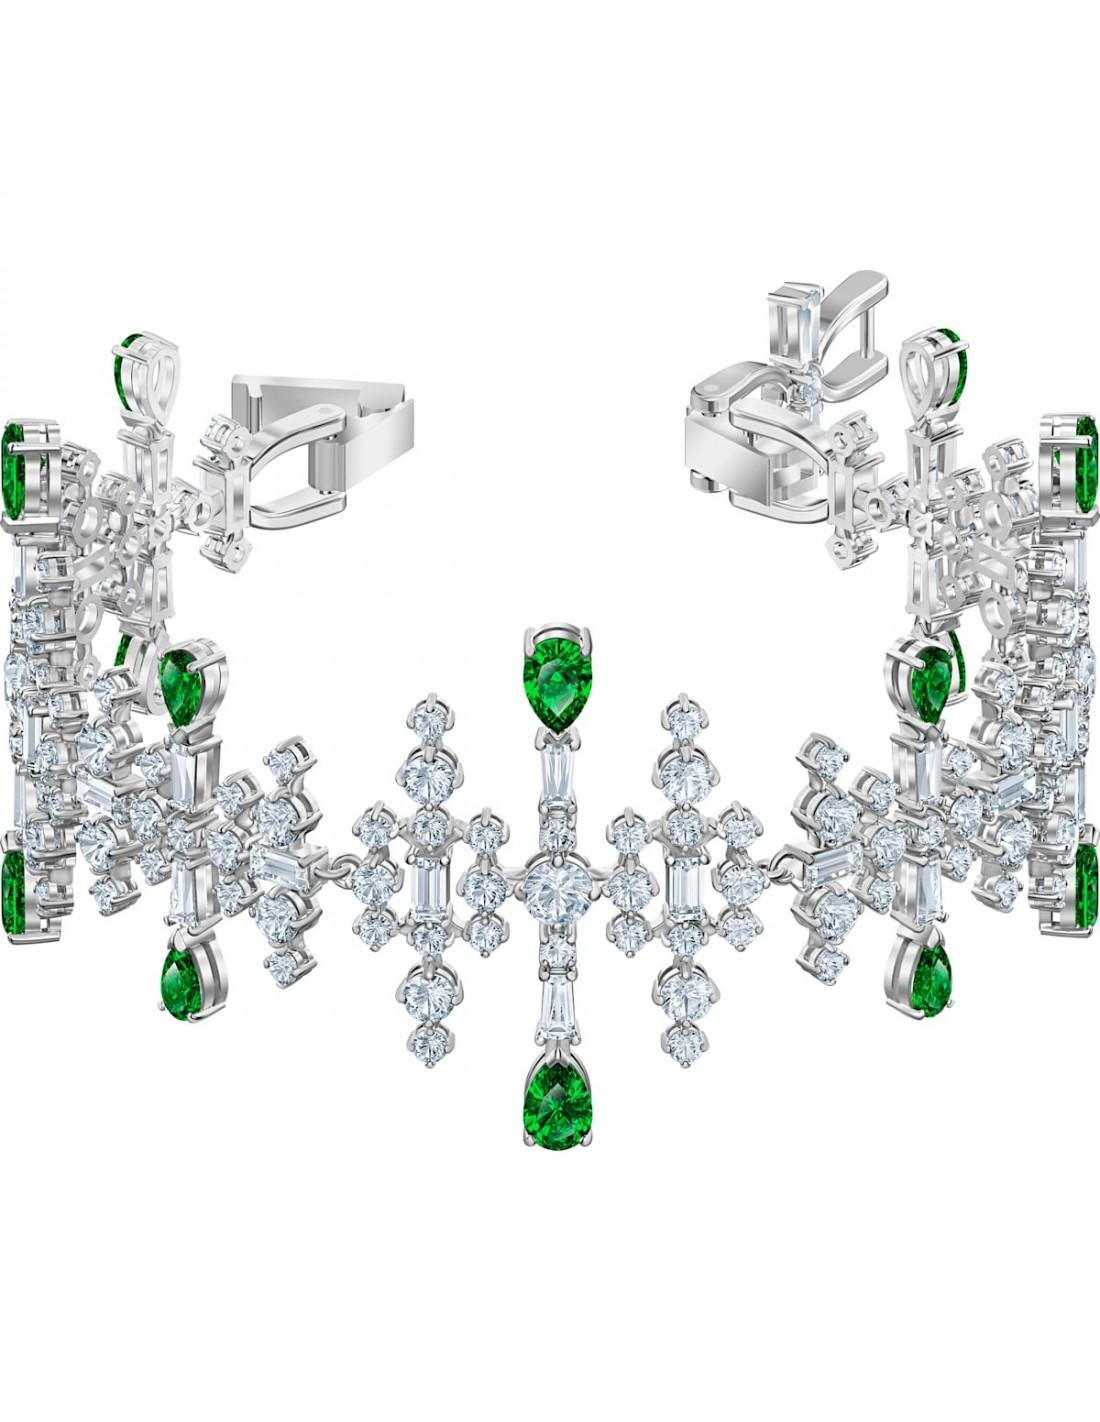 Swarovski Rhodium Plating Bracelet Perfection 5507695